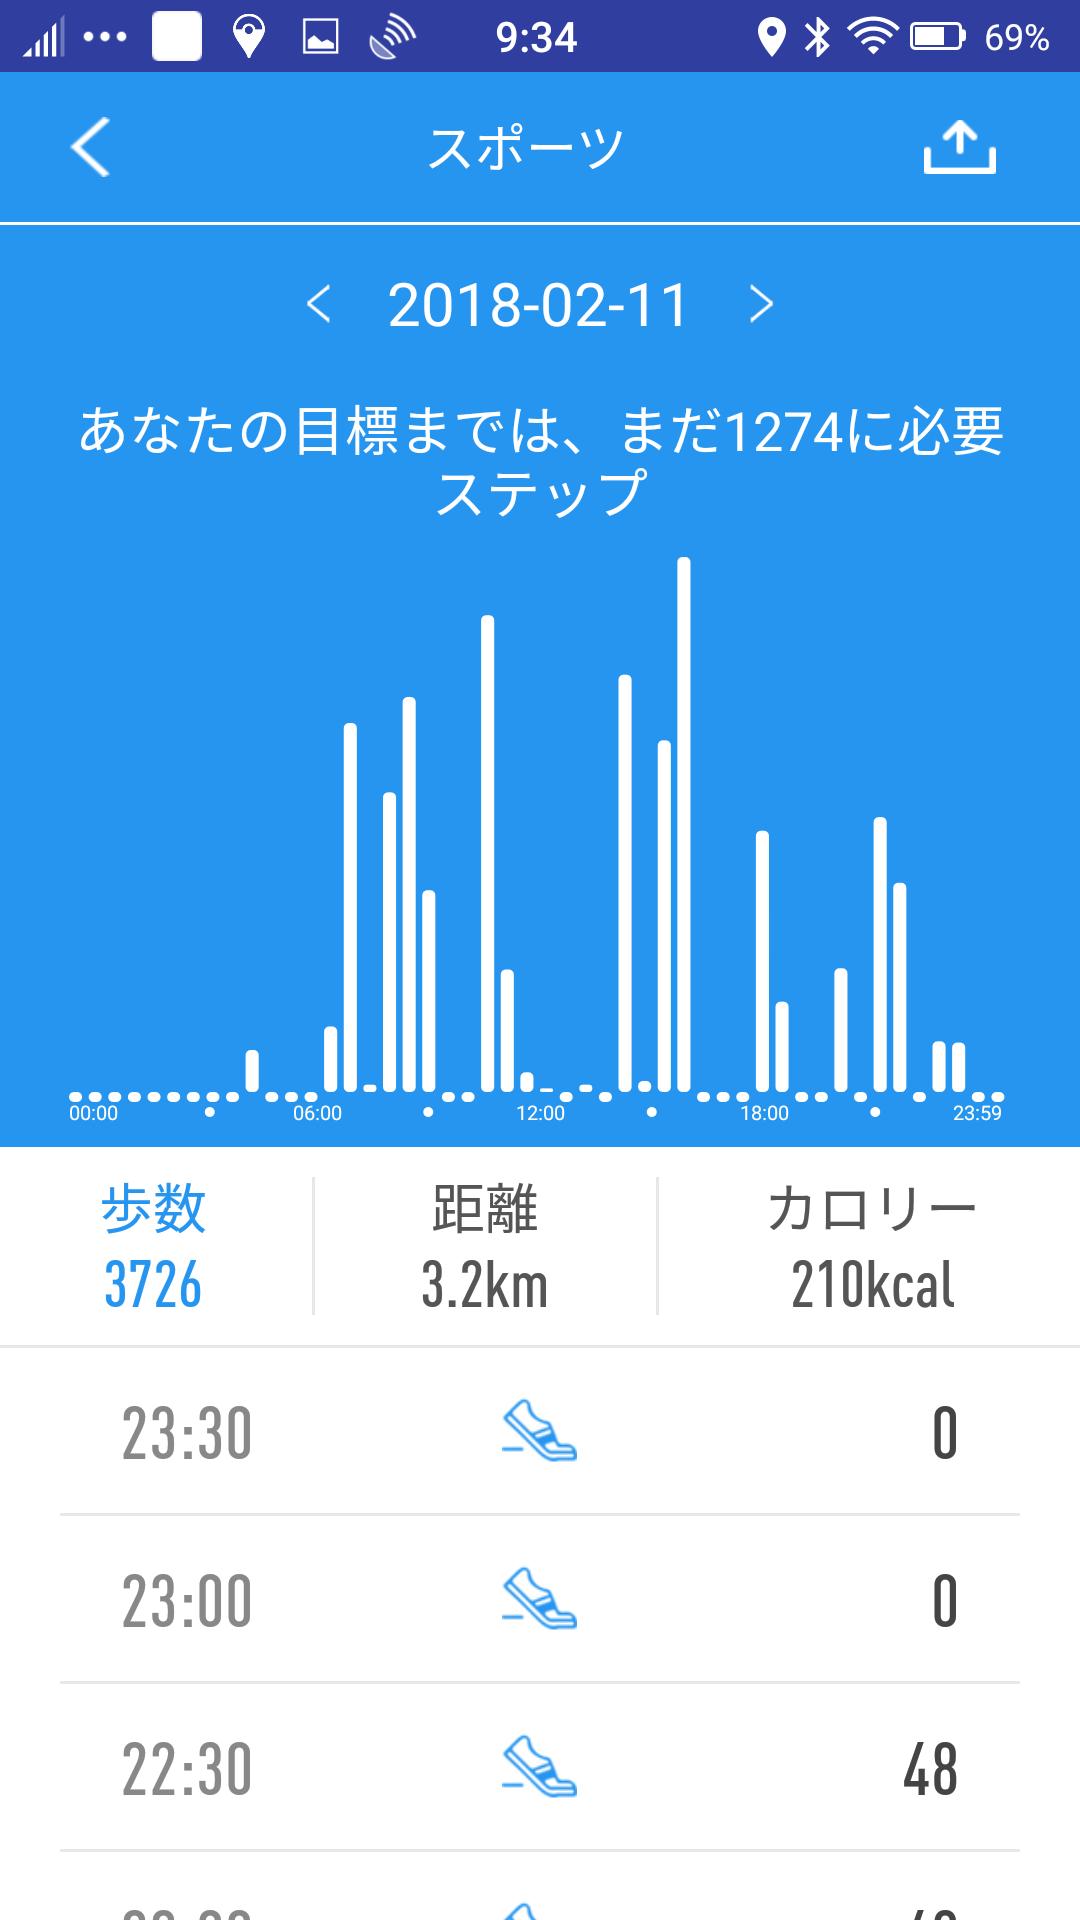 時間帯別歩数データ